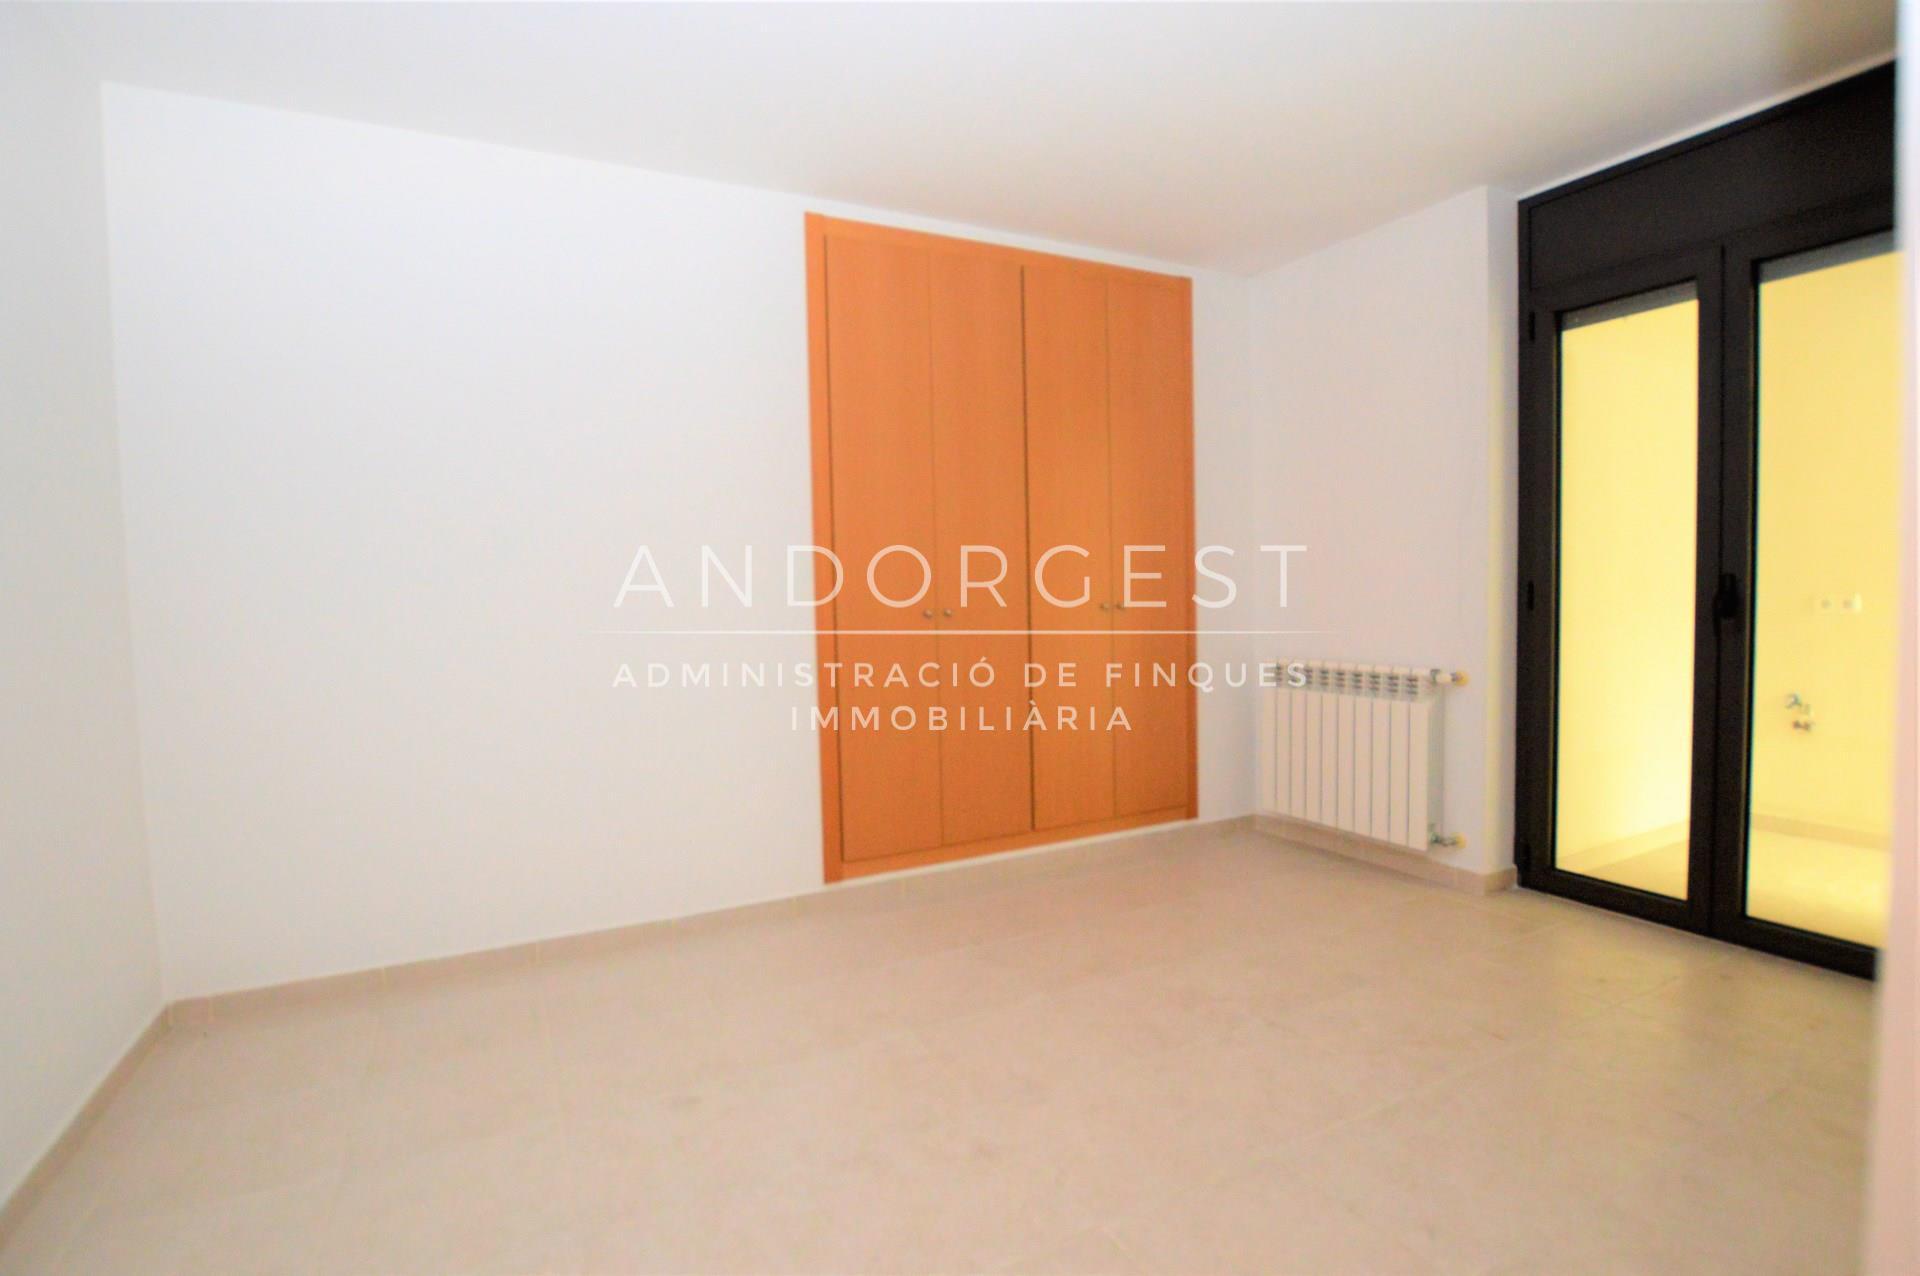 Pis en venda a Sant Julià de Lòria, 3 habitacions, 117 metres